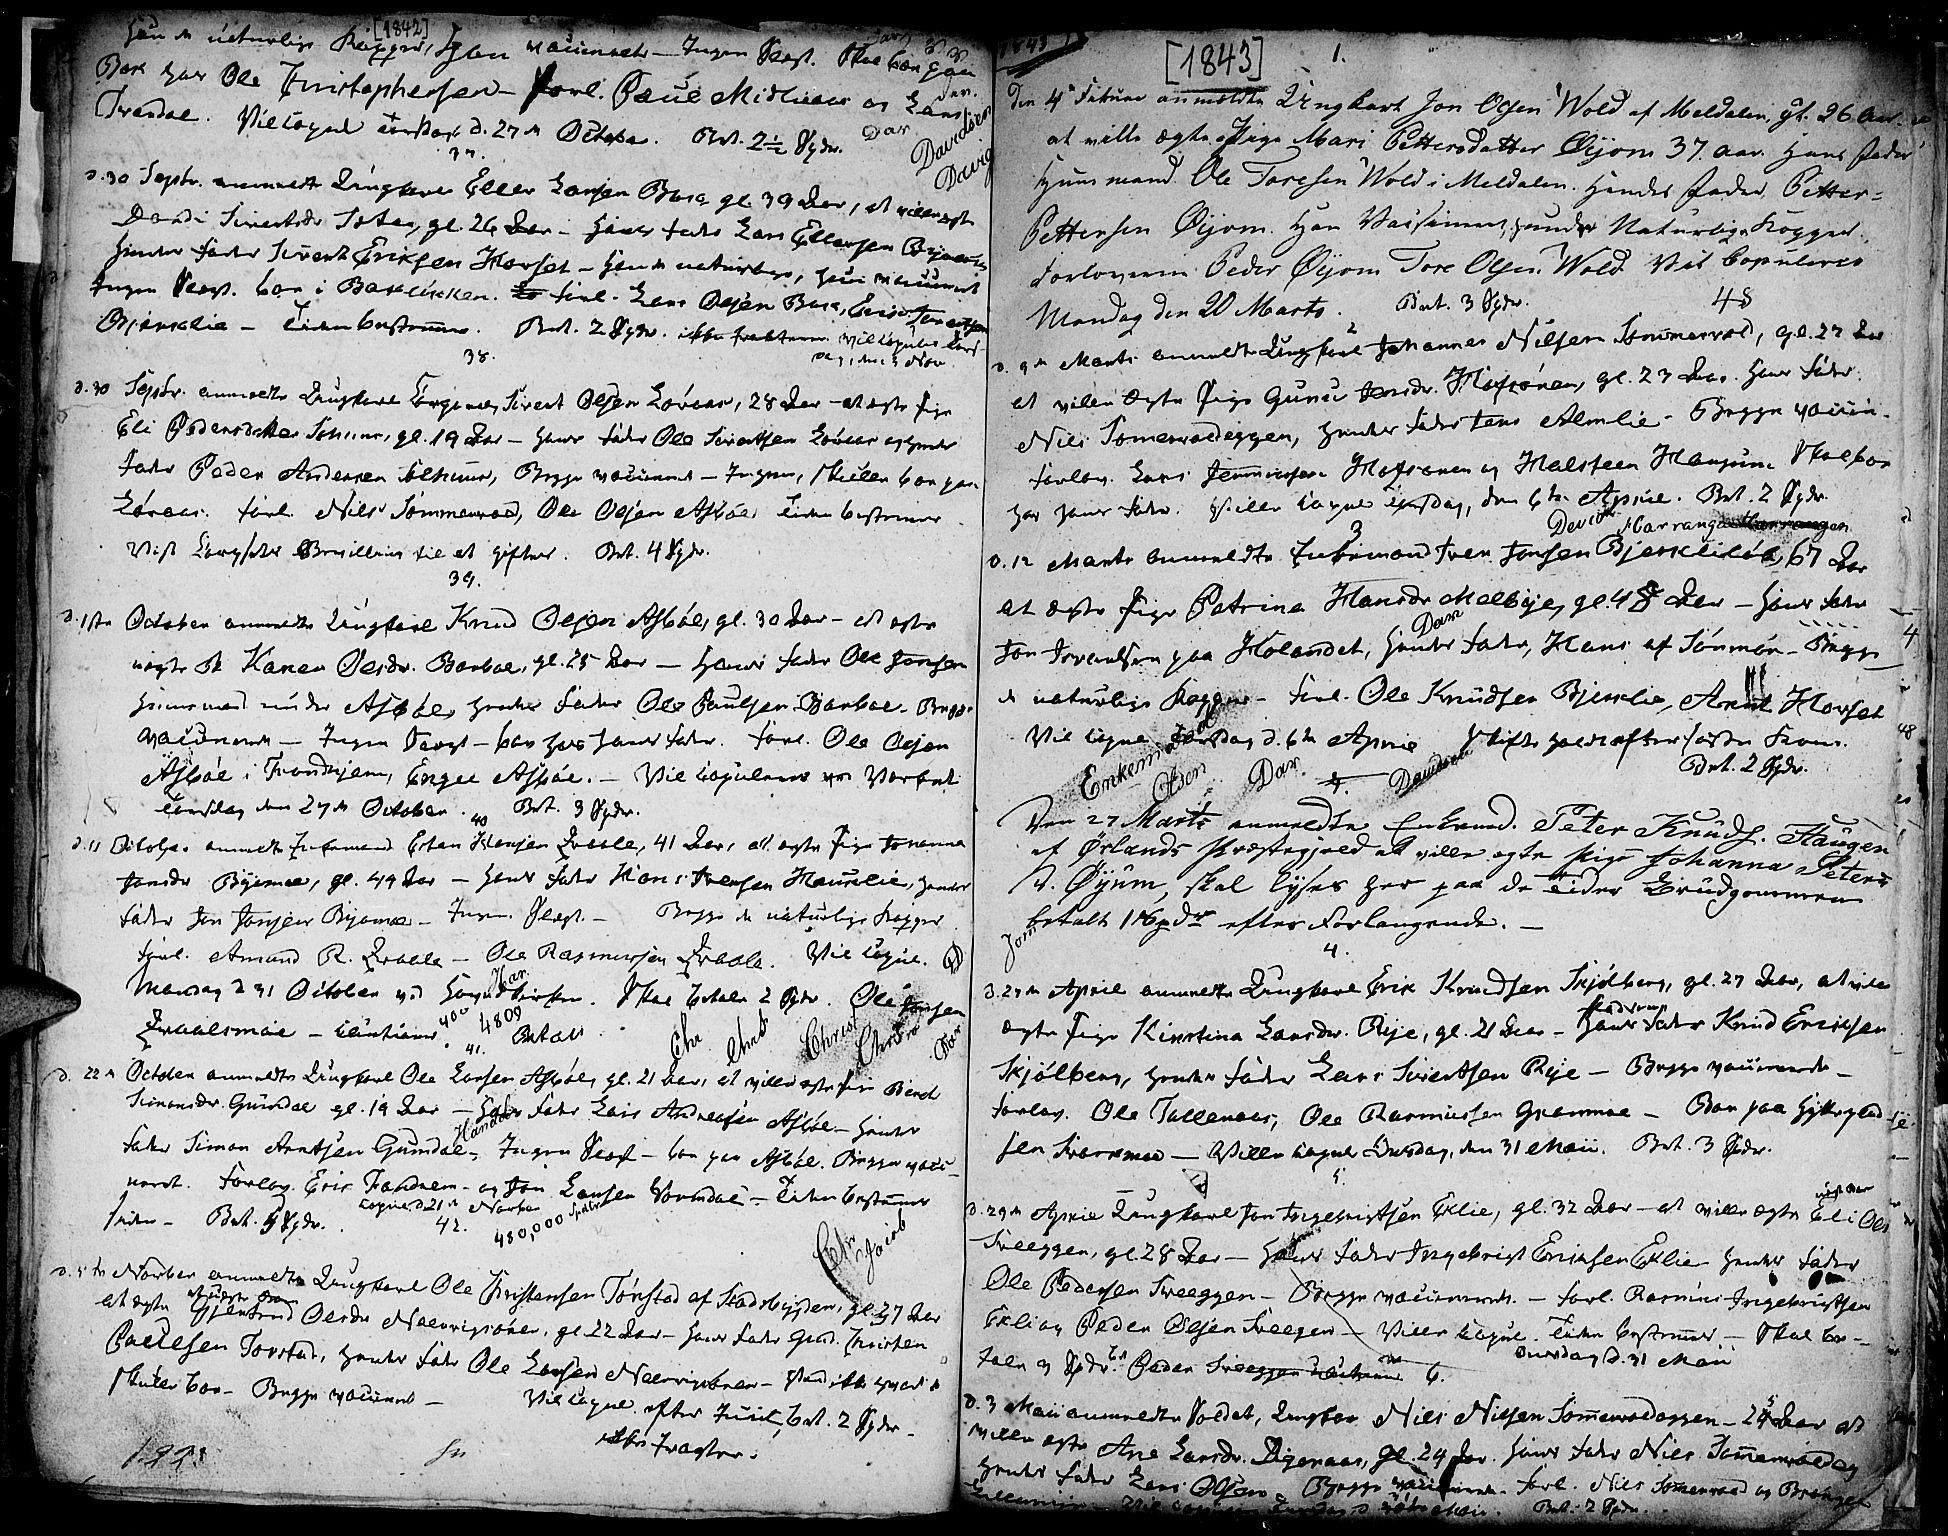 SAT, Ministerialprotokoller, klokkerbøker og fødselsregistre - Sør-Trøndelag, 668/L0808: Ministerialbok nr. 668A08, 1837-1845